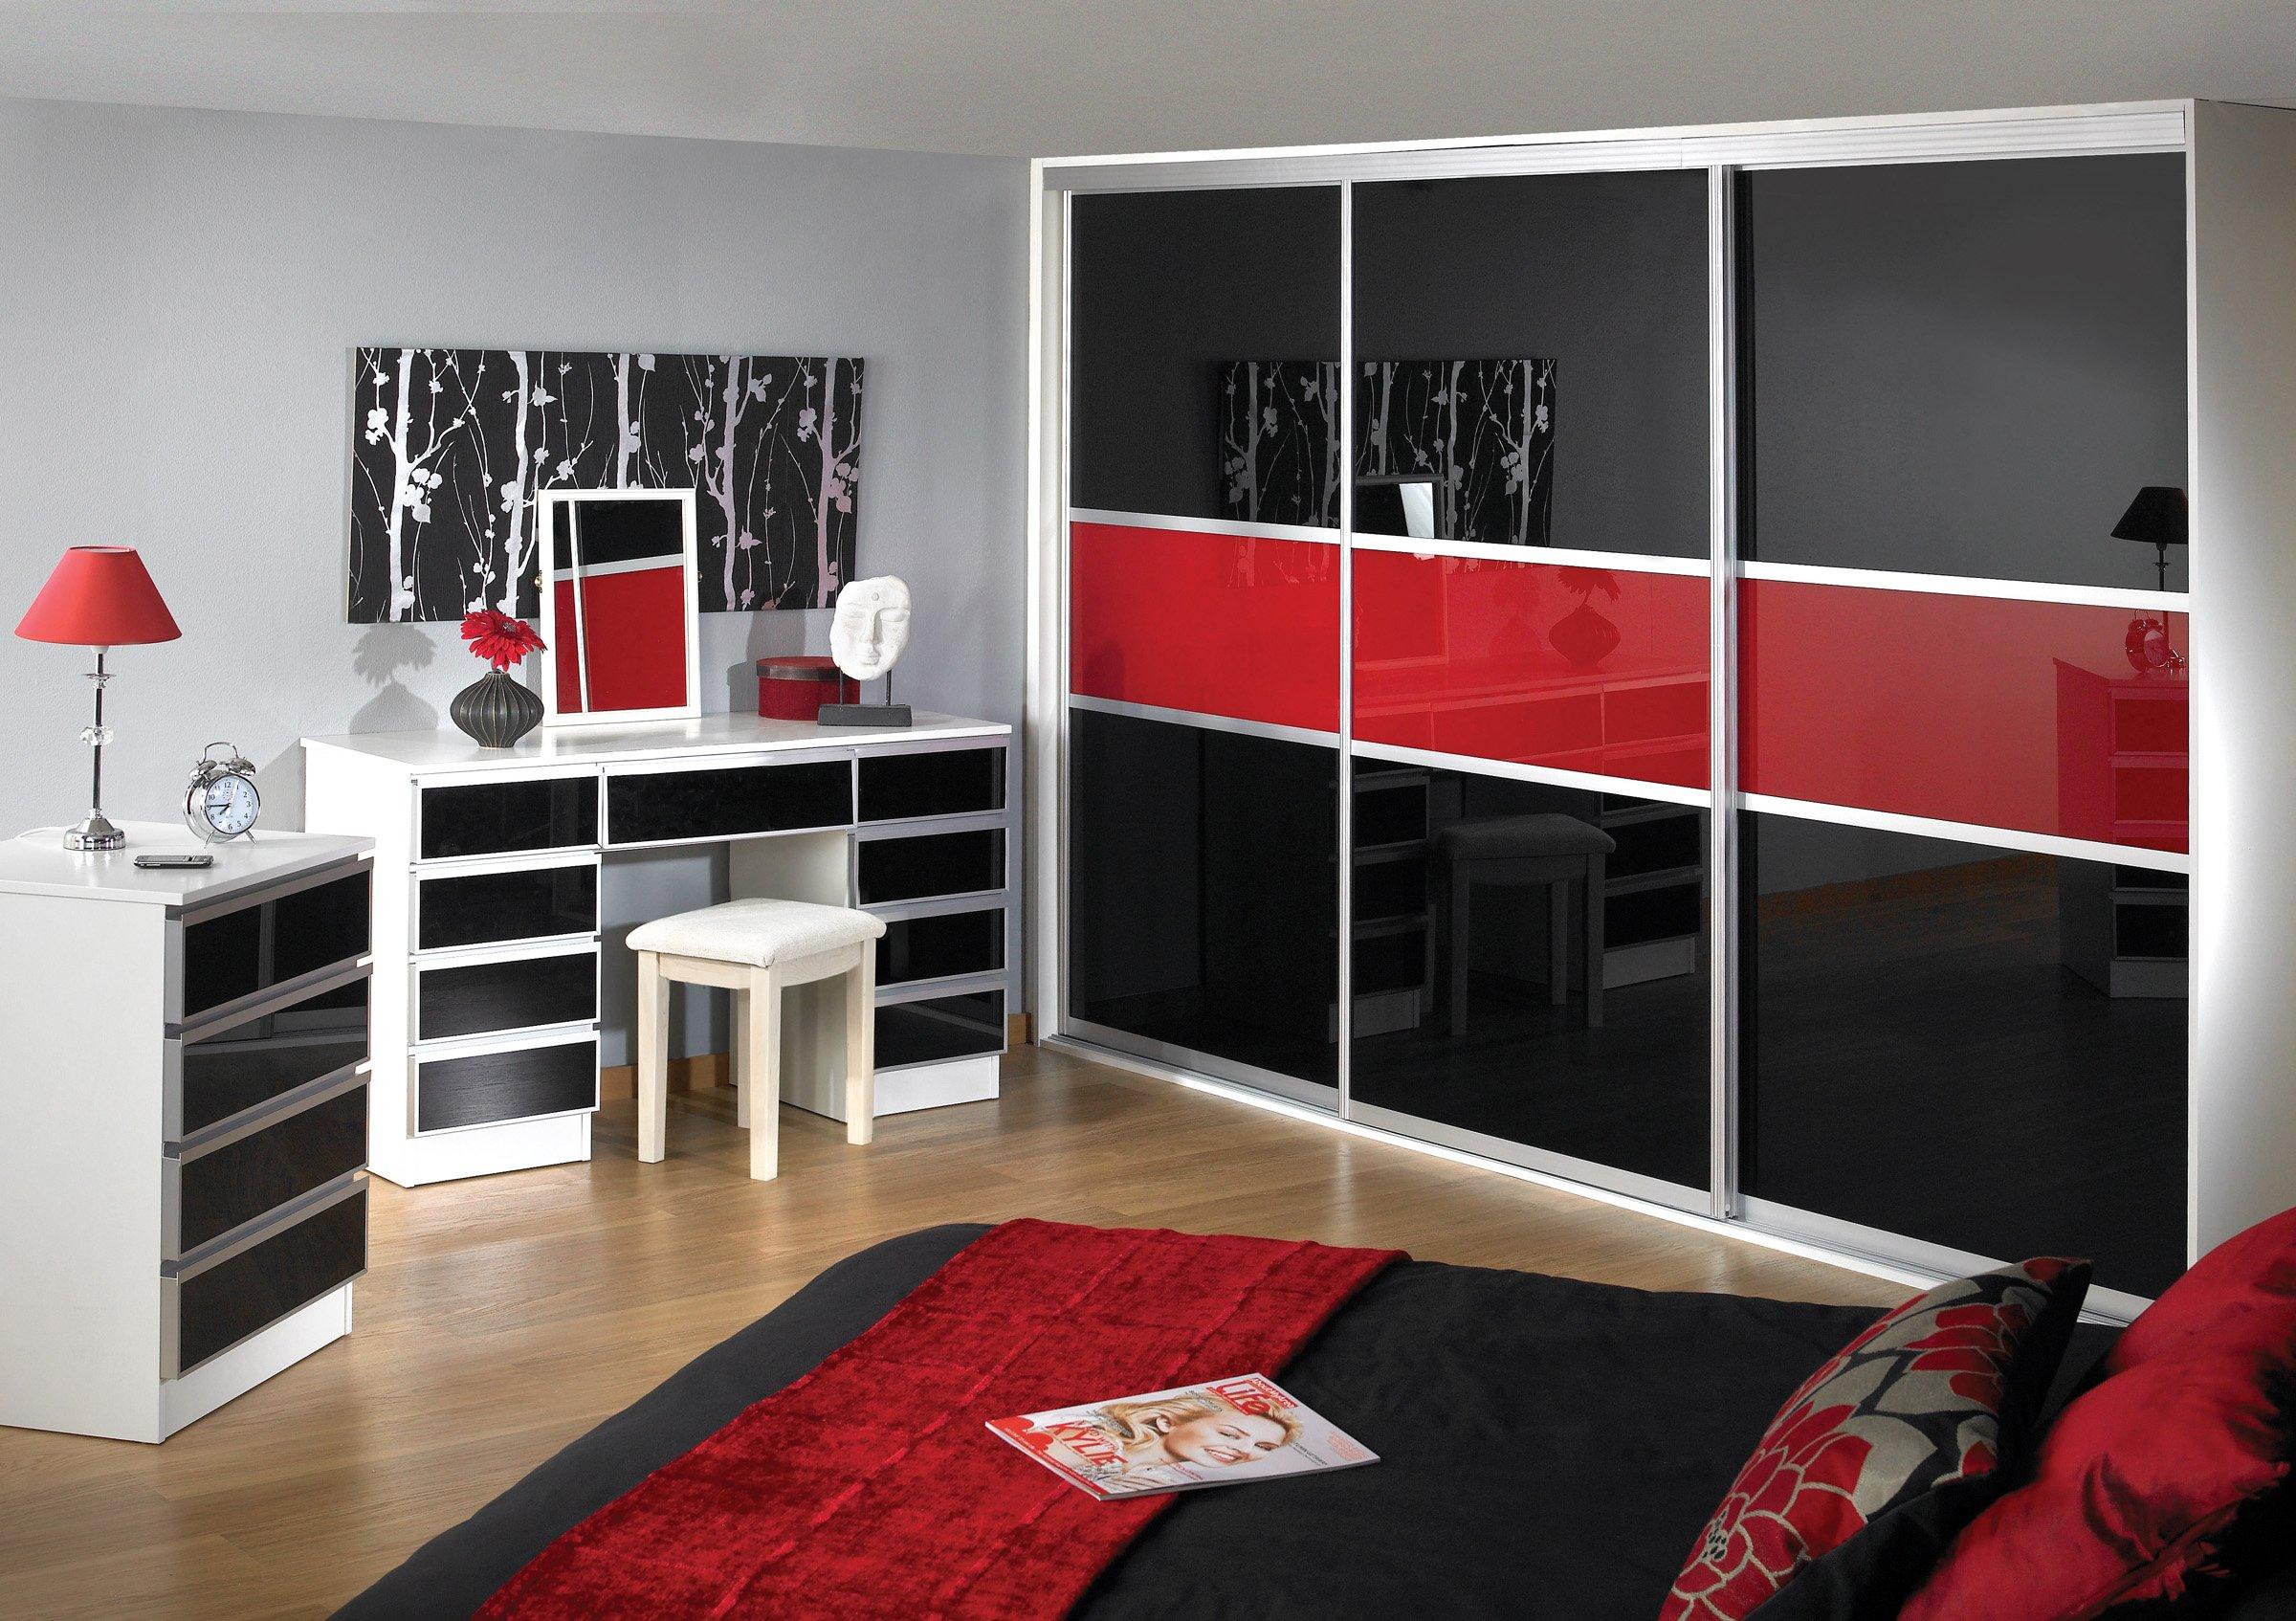 armoire pour la conception de photos de chambre à coucher